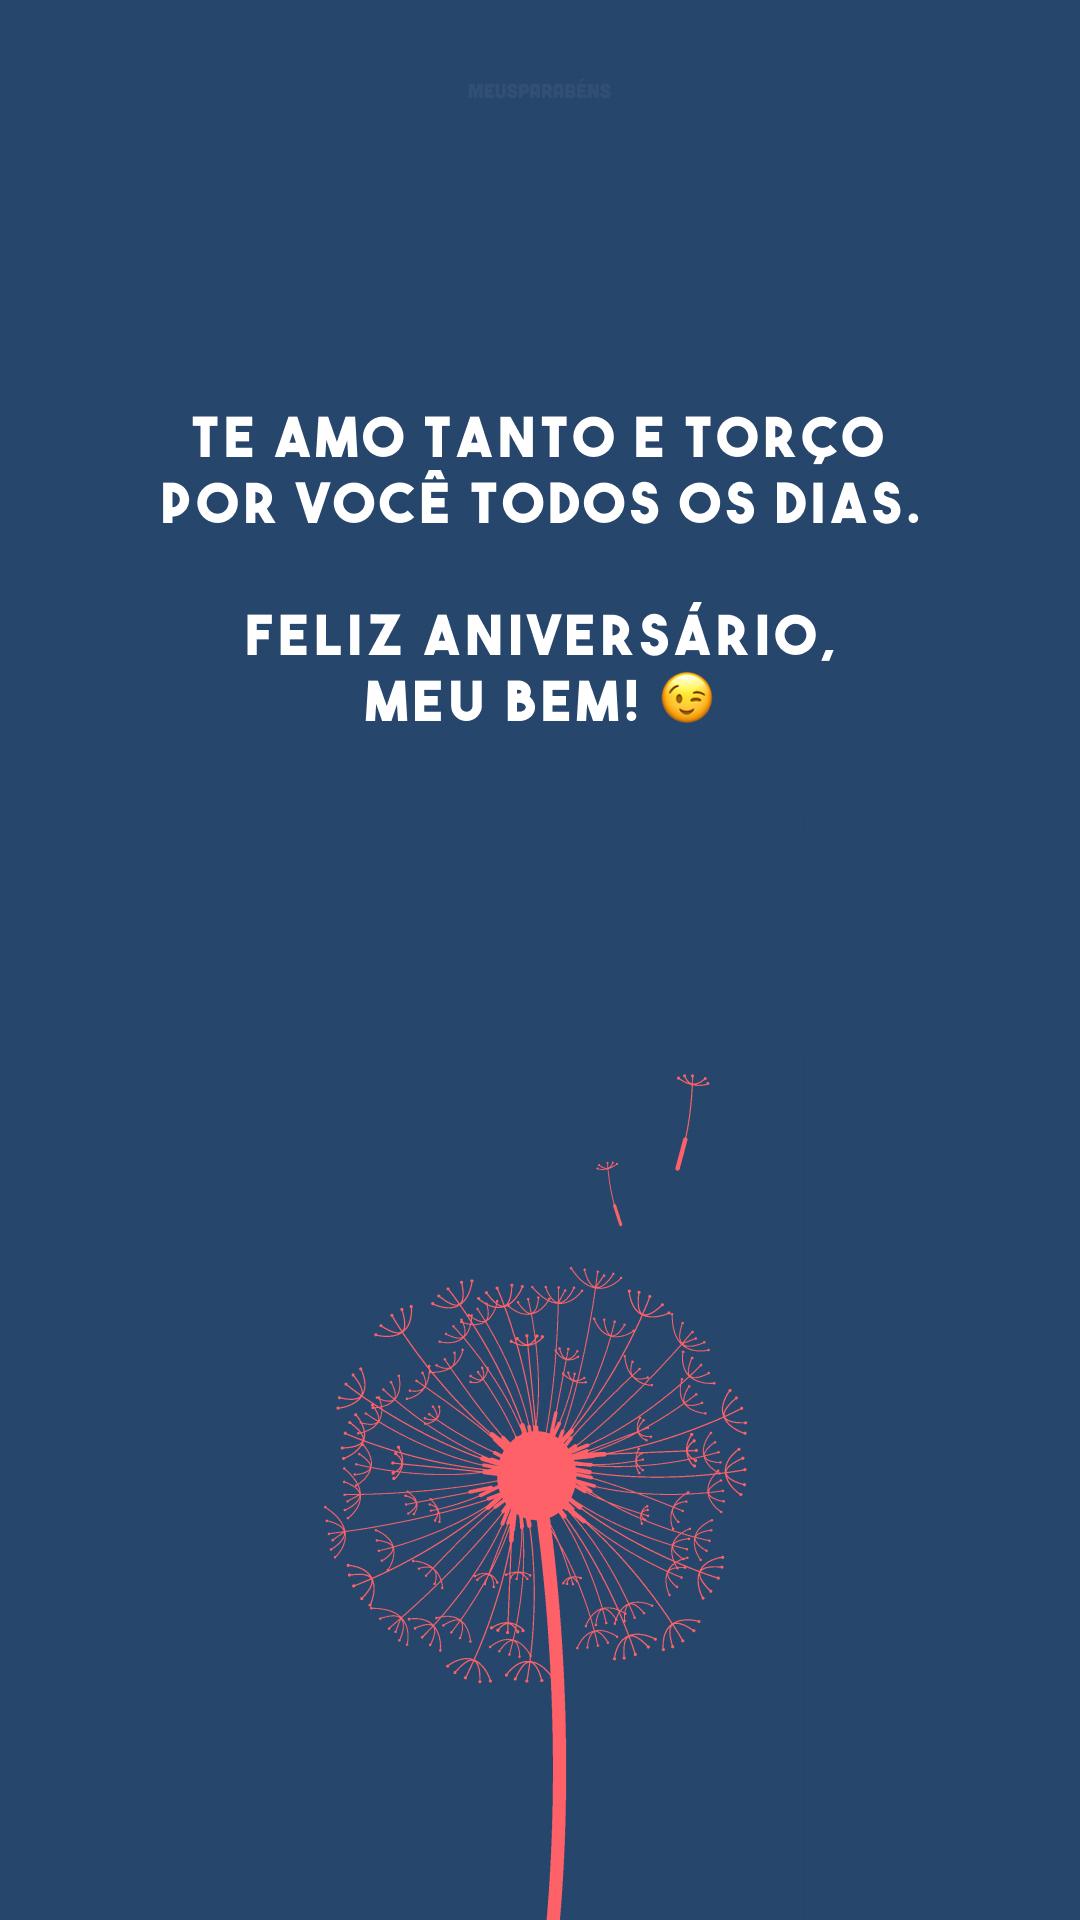 Te amo tanto e torço por você todos os dias. Feliz aniversário, meu bem! 😉